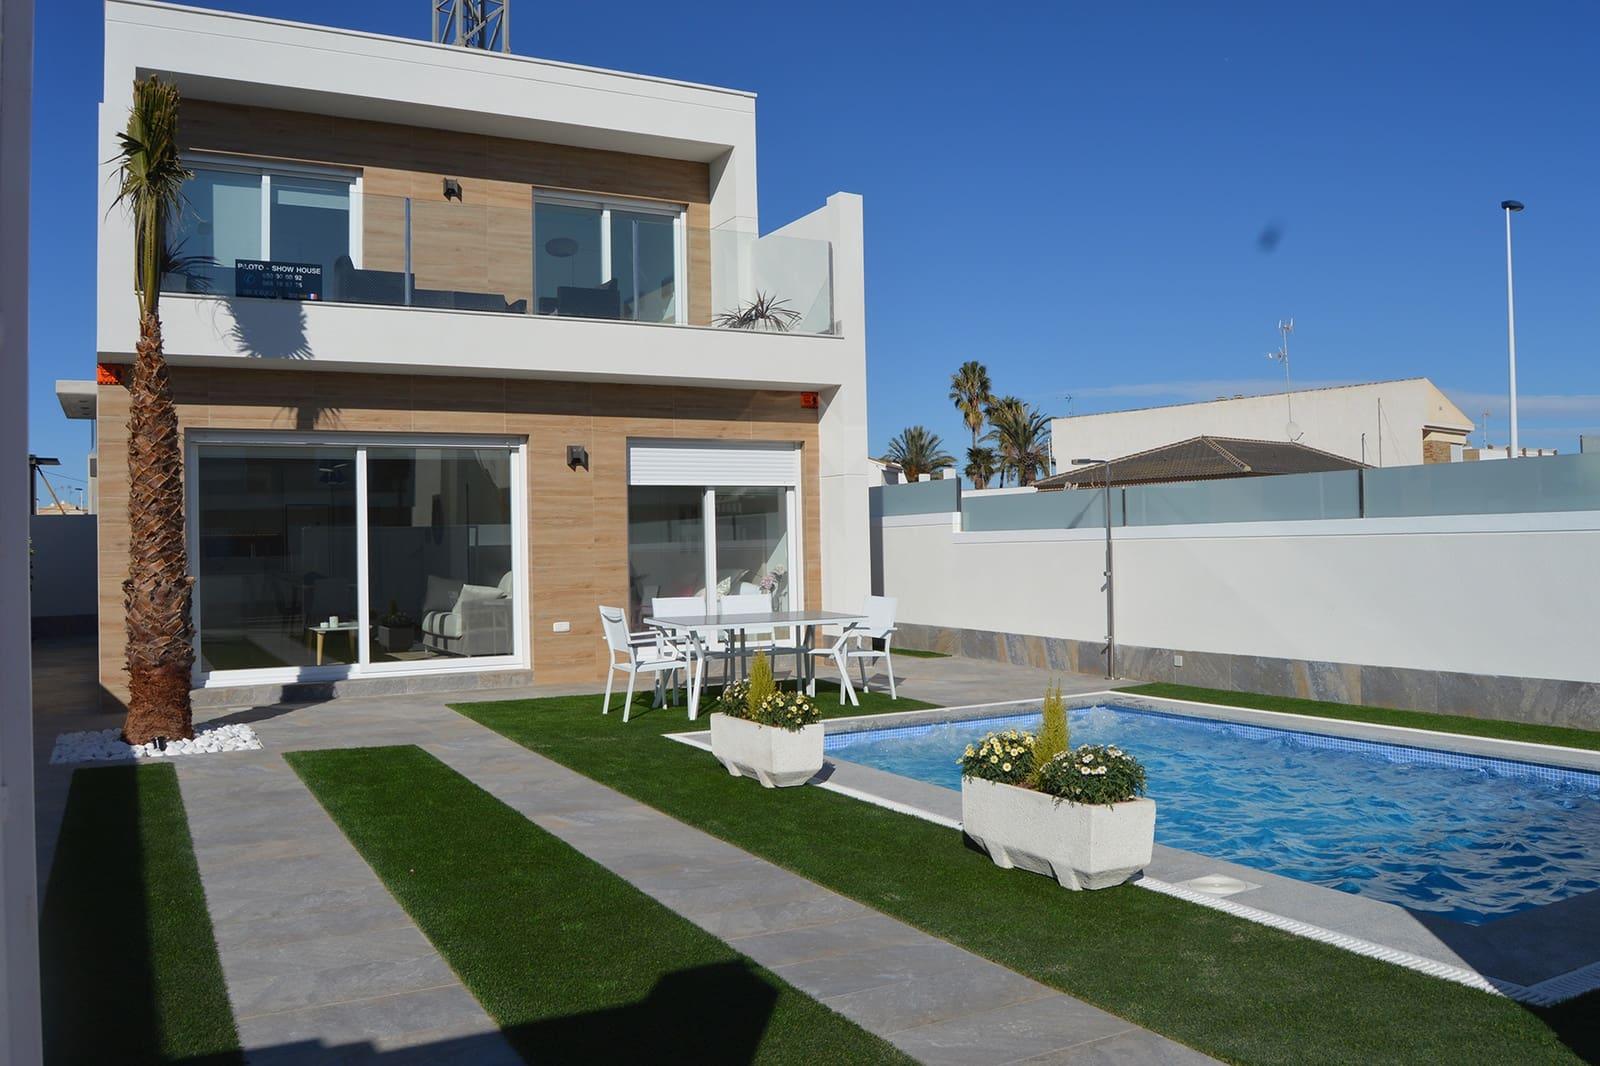 Chalet de 3 habitaciones en Pilar de la Horadada en venta con piscina - 289.000 € (Ref: 4652557)